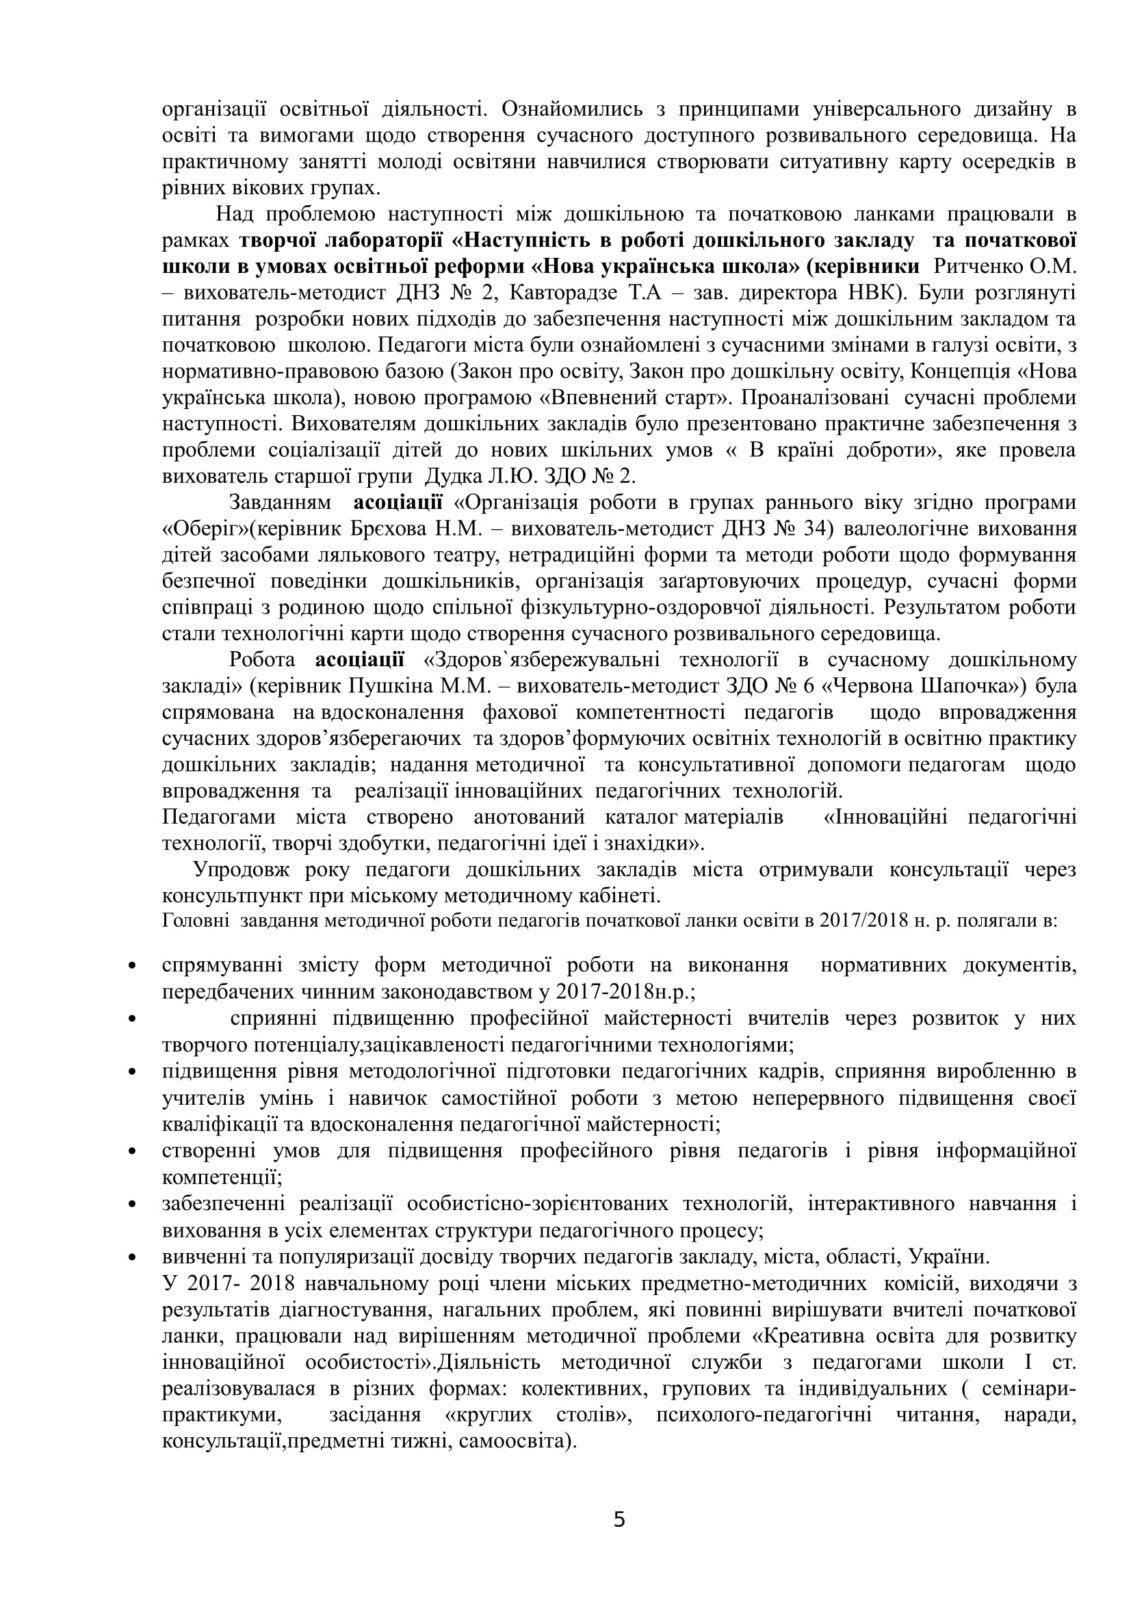 Костянтинівка 2018-2019 - ММК план роботи-06